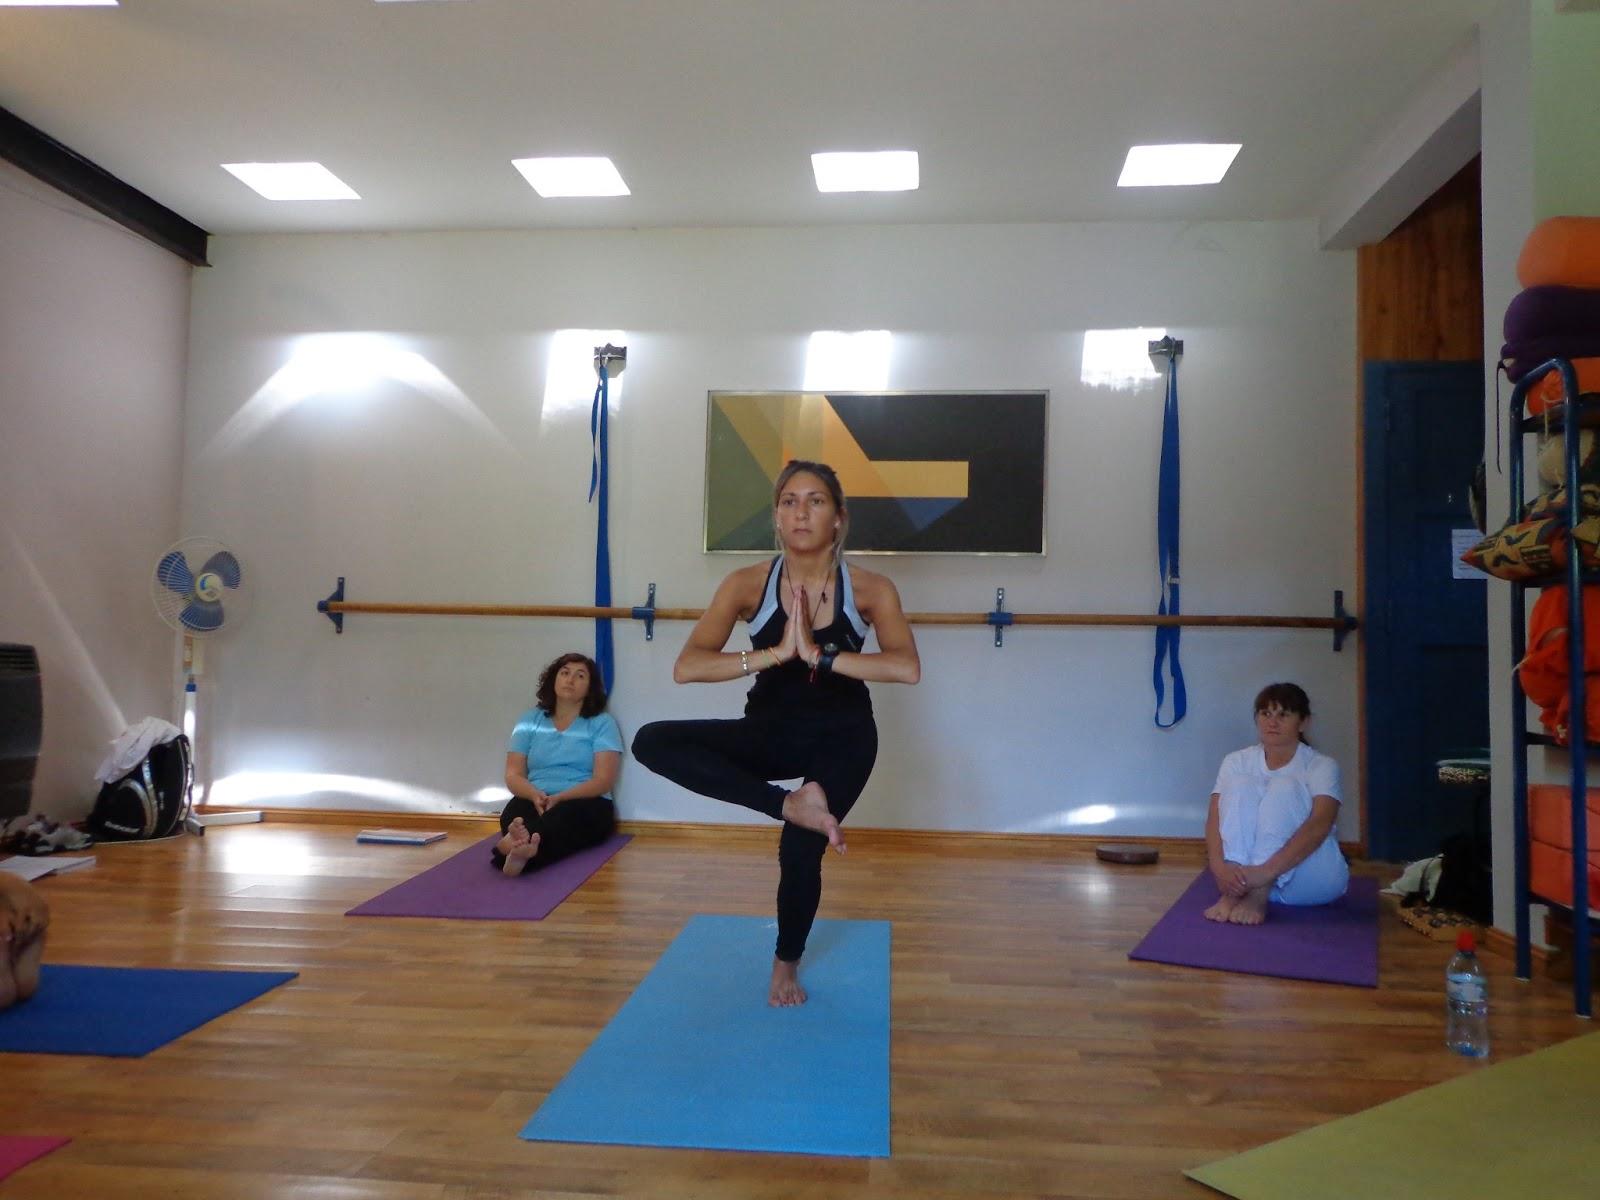 Comunicarse con nosotros por este medio o vía Facebook  (https   www.facebook.com silvana.esteves.yoga) 011d99b6a8e9